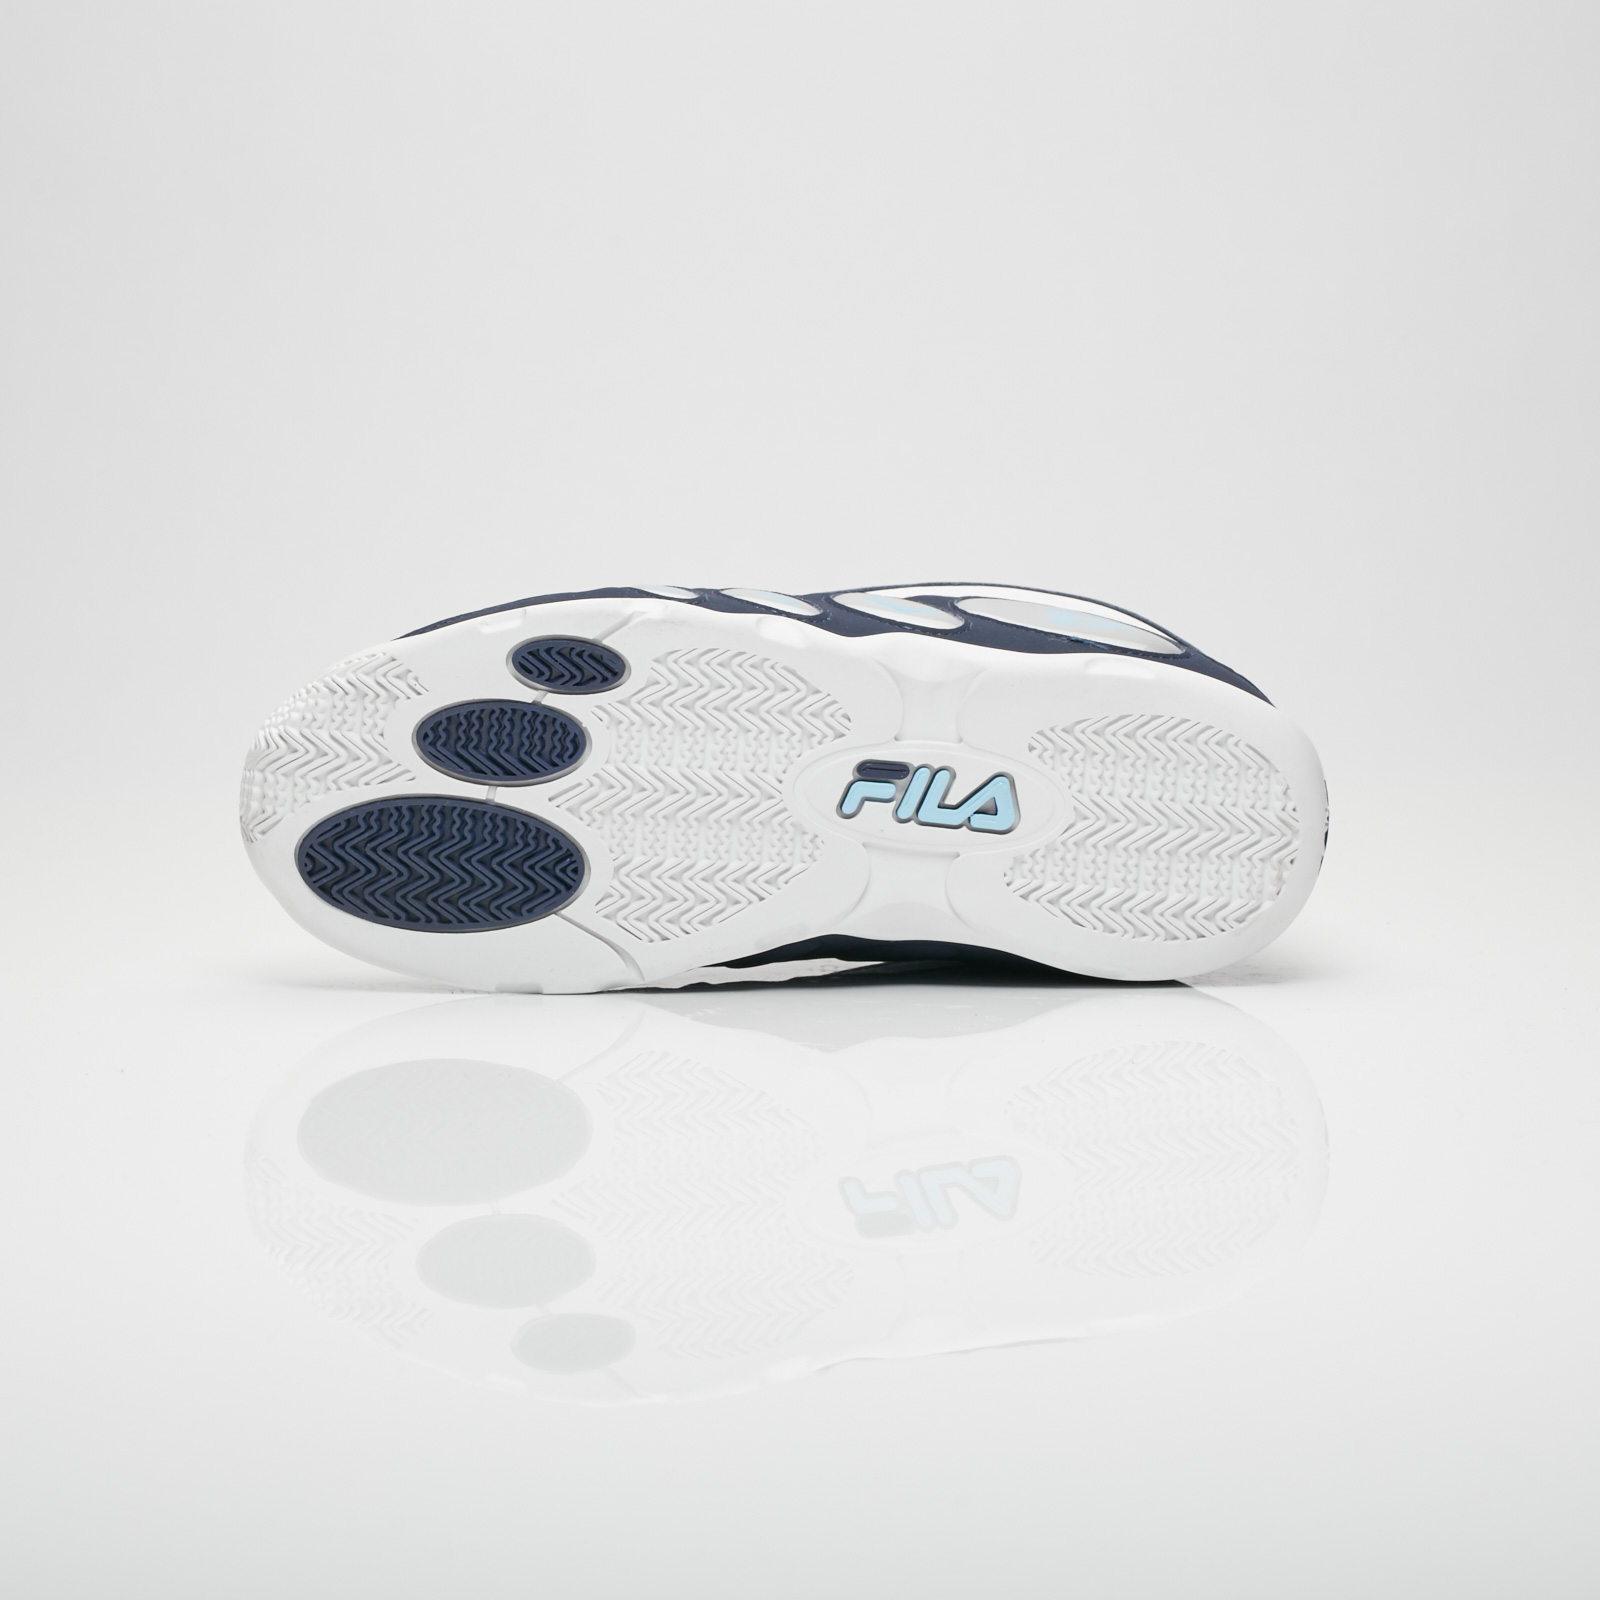 Fila Bubbles 3vb90166 Sneakersnstuff joggesko  sneakers